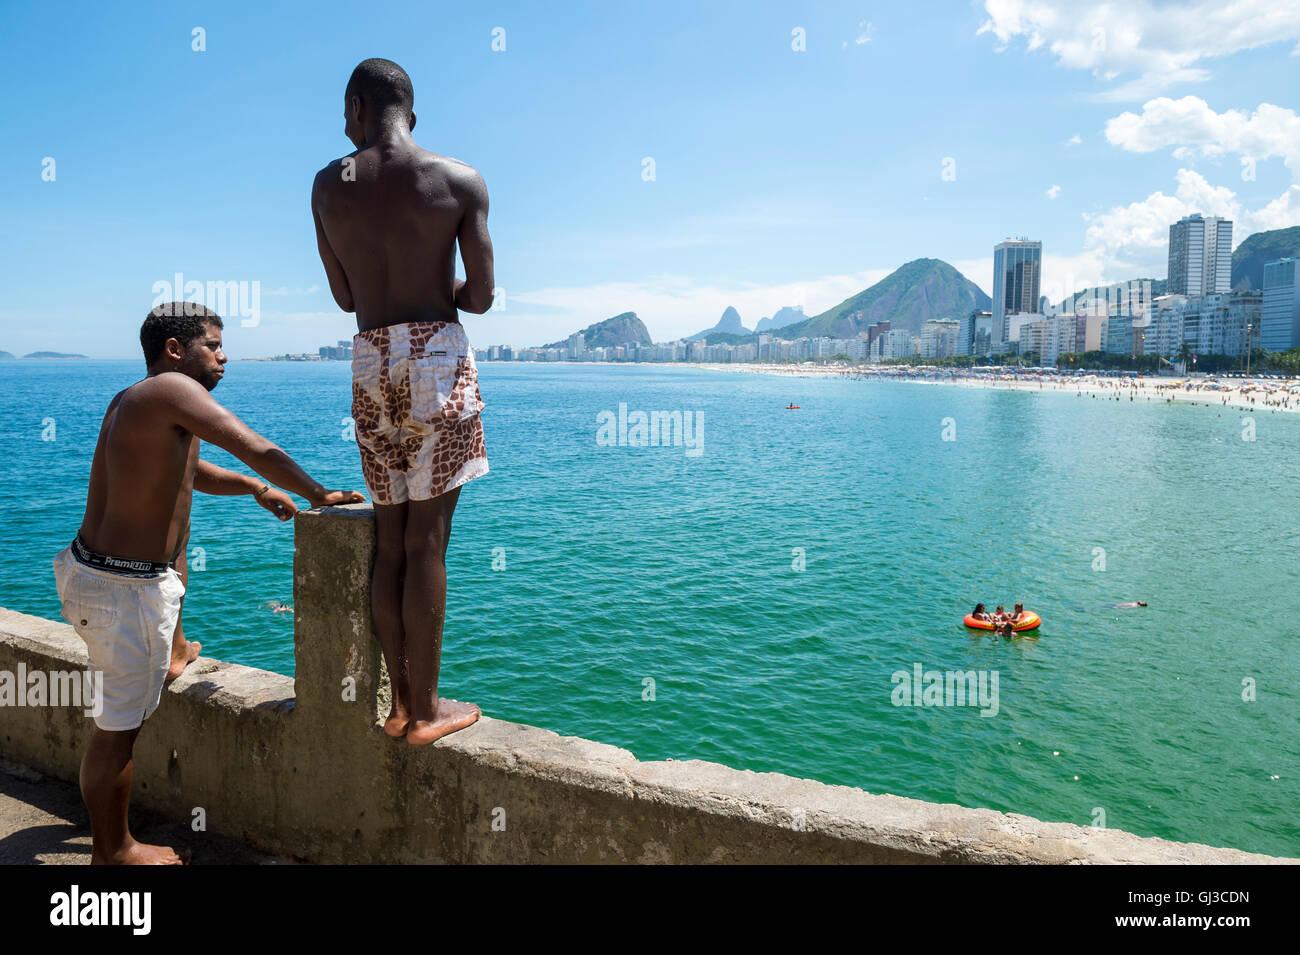 RIO DE JANEIRO - Febbraio 27, 2016: i giovani brasiliani si riuniscono per immersione dalla mensola a Leme, all'estremità Immagini Stock